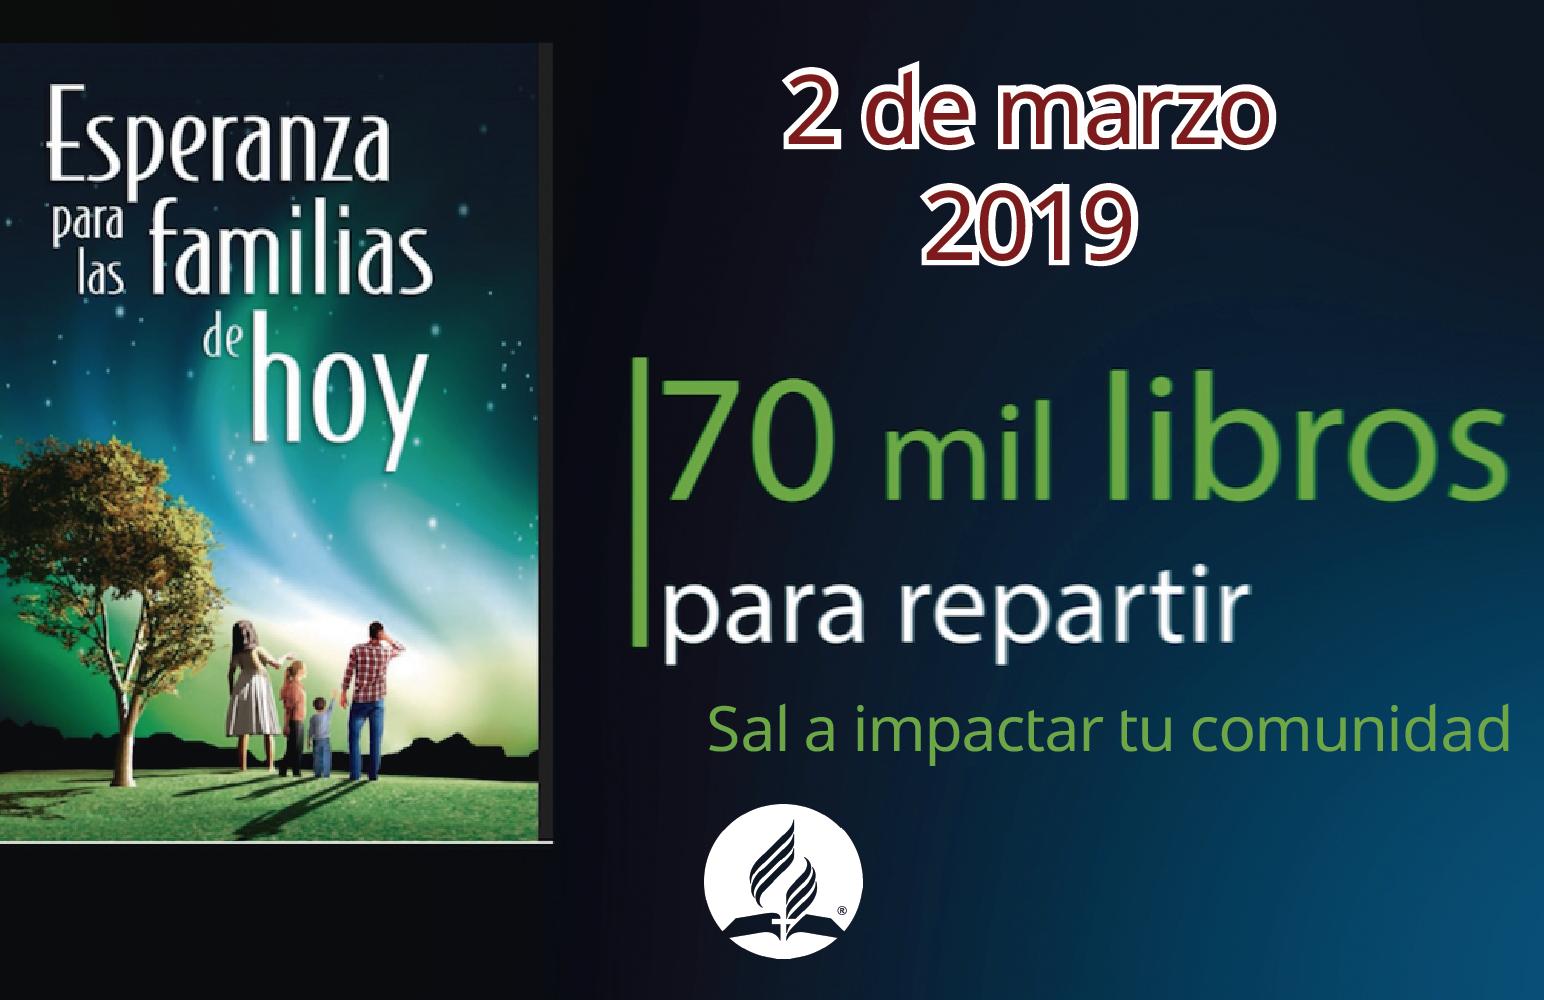 IMPACTO MISIONERO 2 DE MARZO 2019